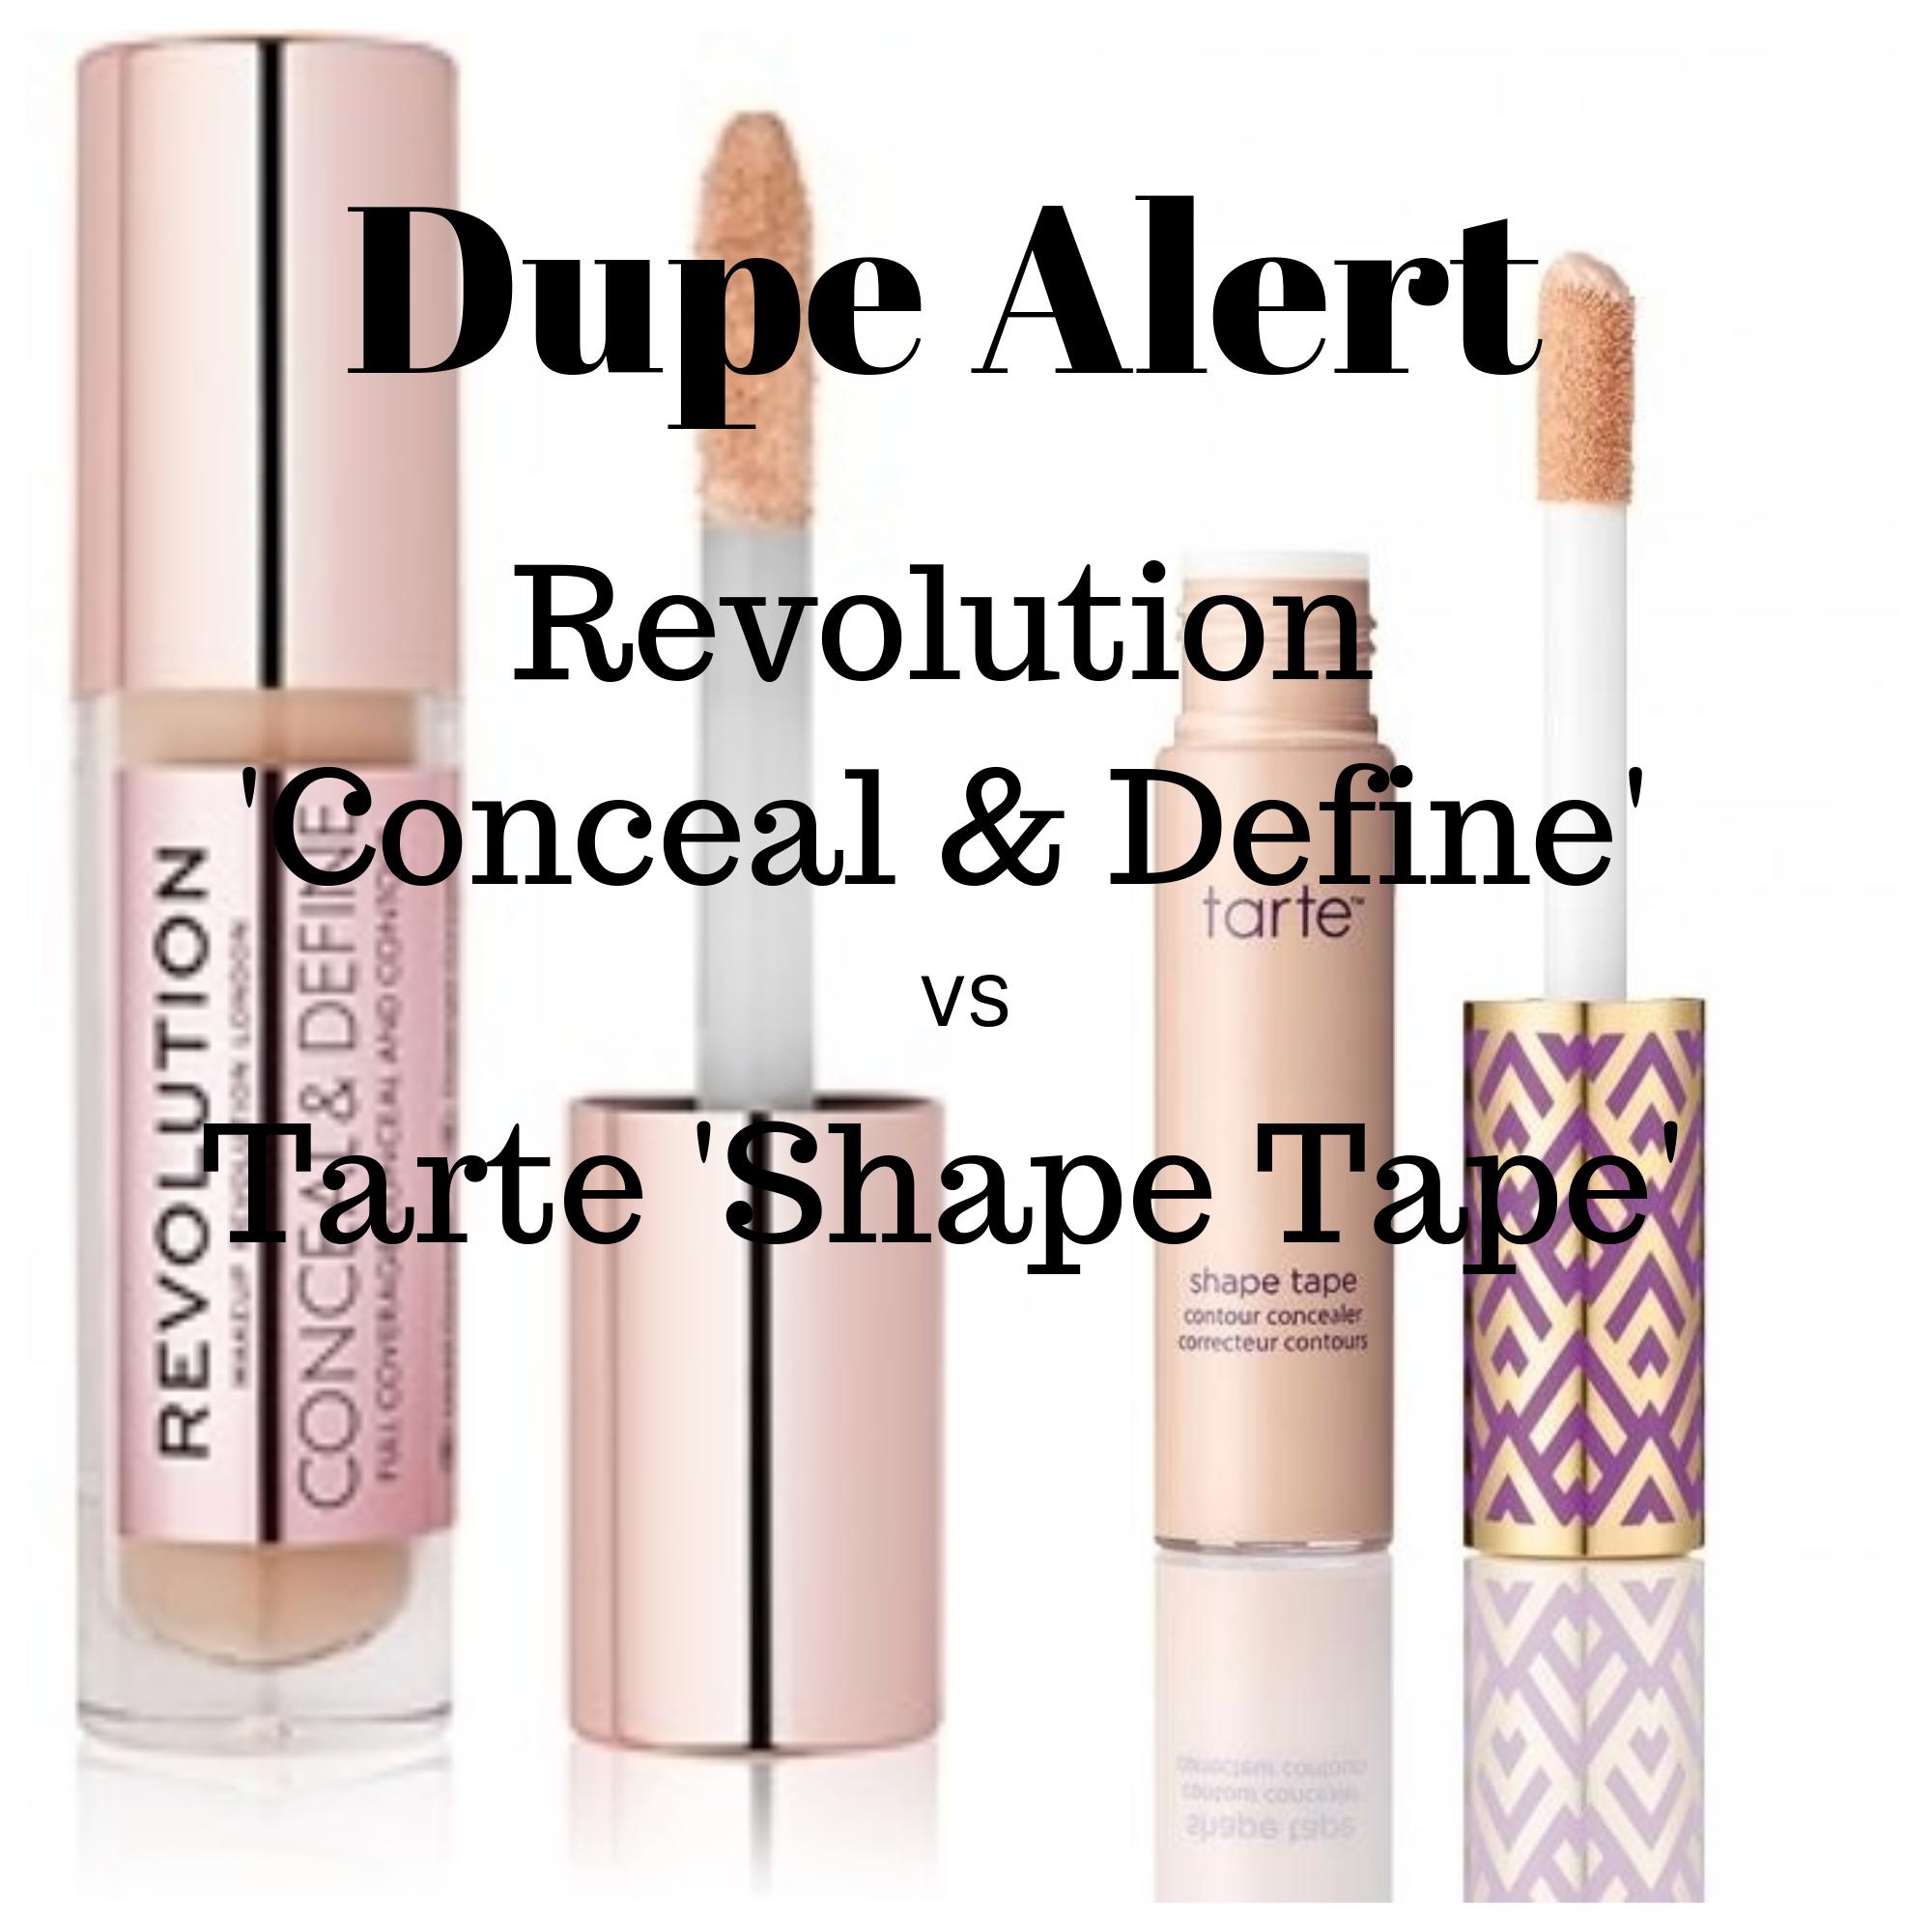 Dupe Alert Tarte Shape Tape Concealer Vs Revolution Conceal Define